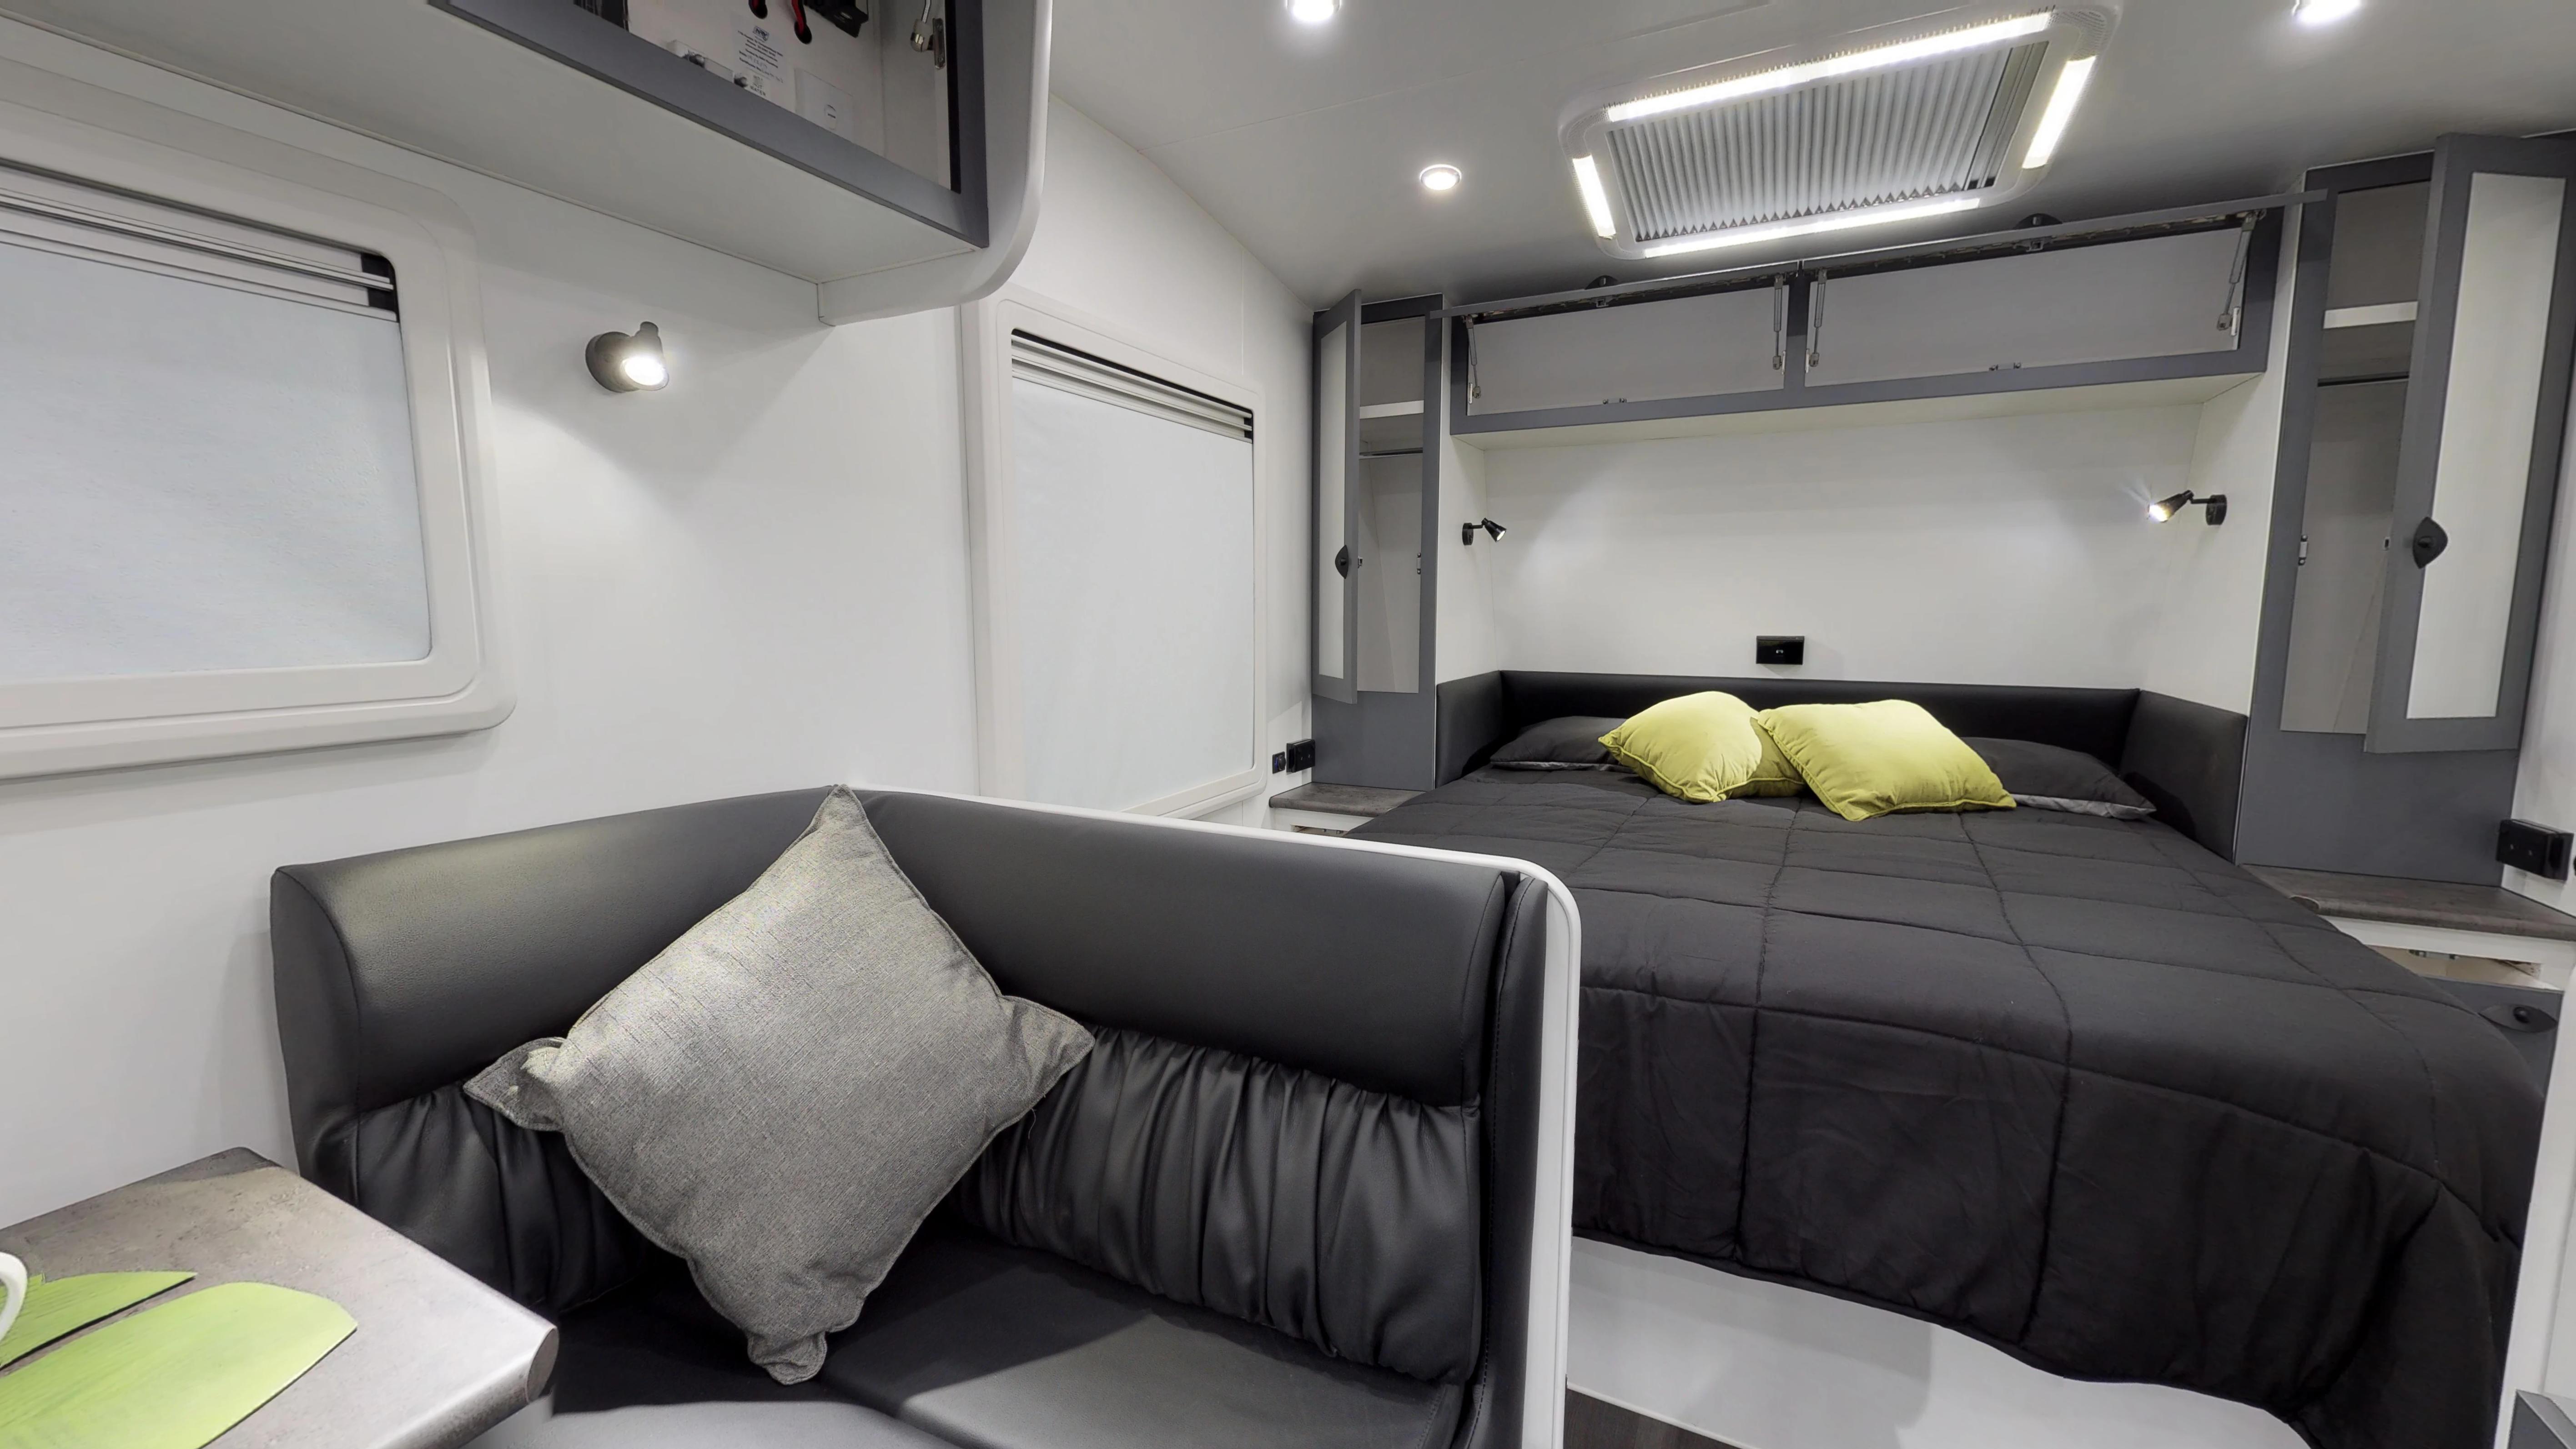 Trackvan-20-2019-By-Eden-Caravans-022120